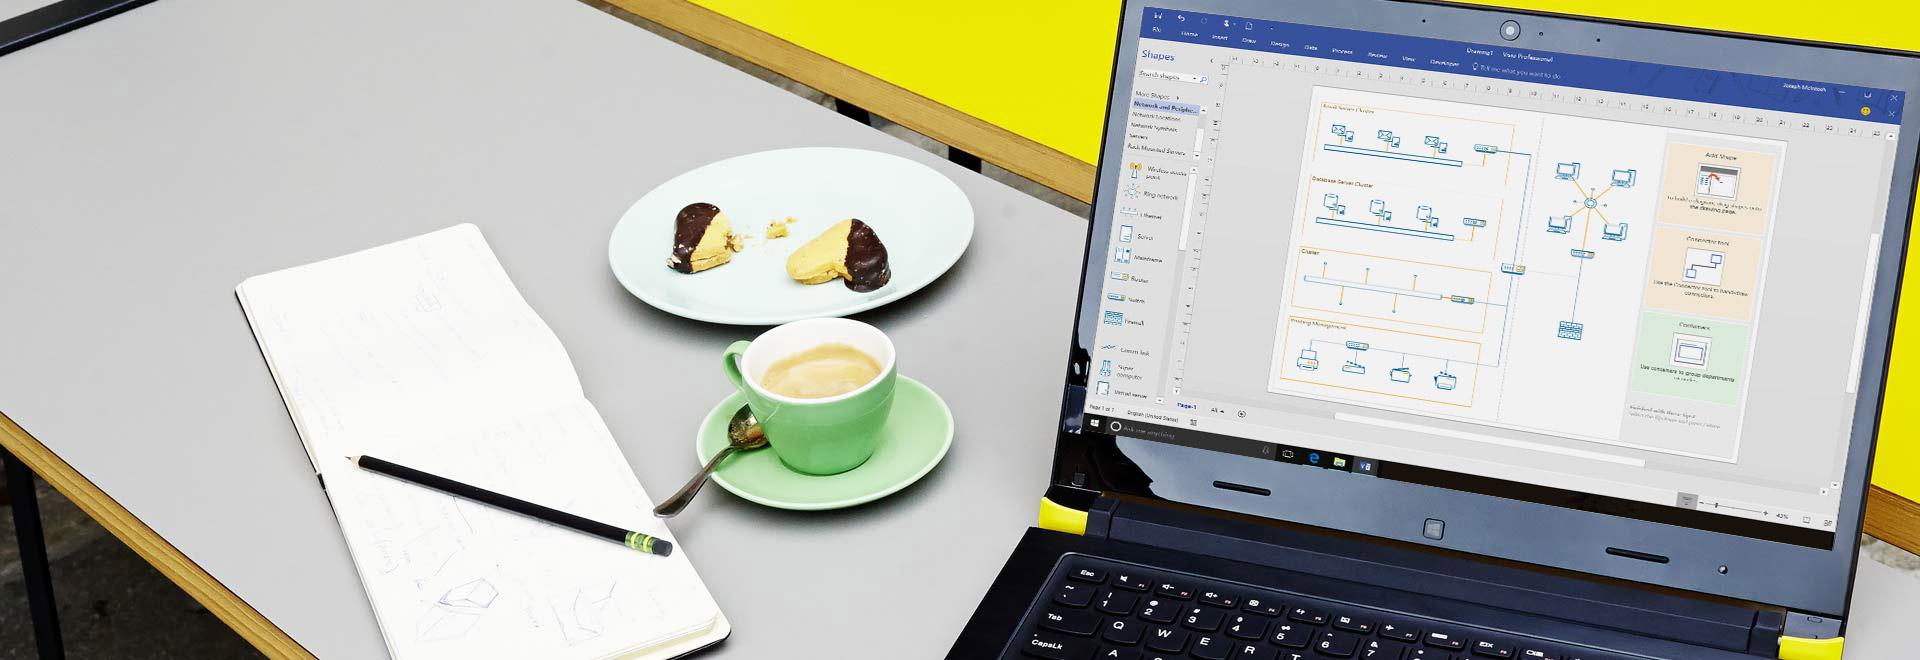 Krupan plan laptop računara koji stoji na stolu i koji prikazuje Visio dijagram sa trakom i oknom za uređivanje